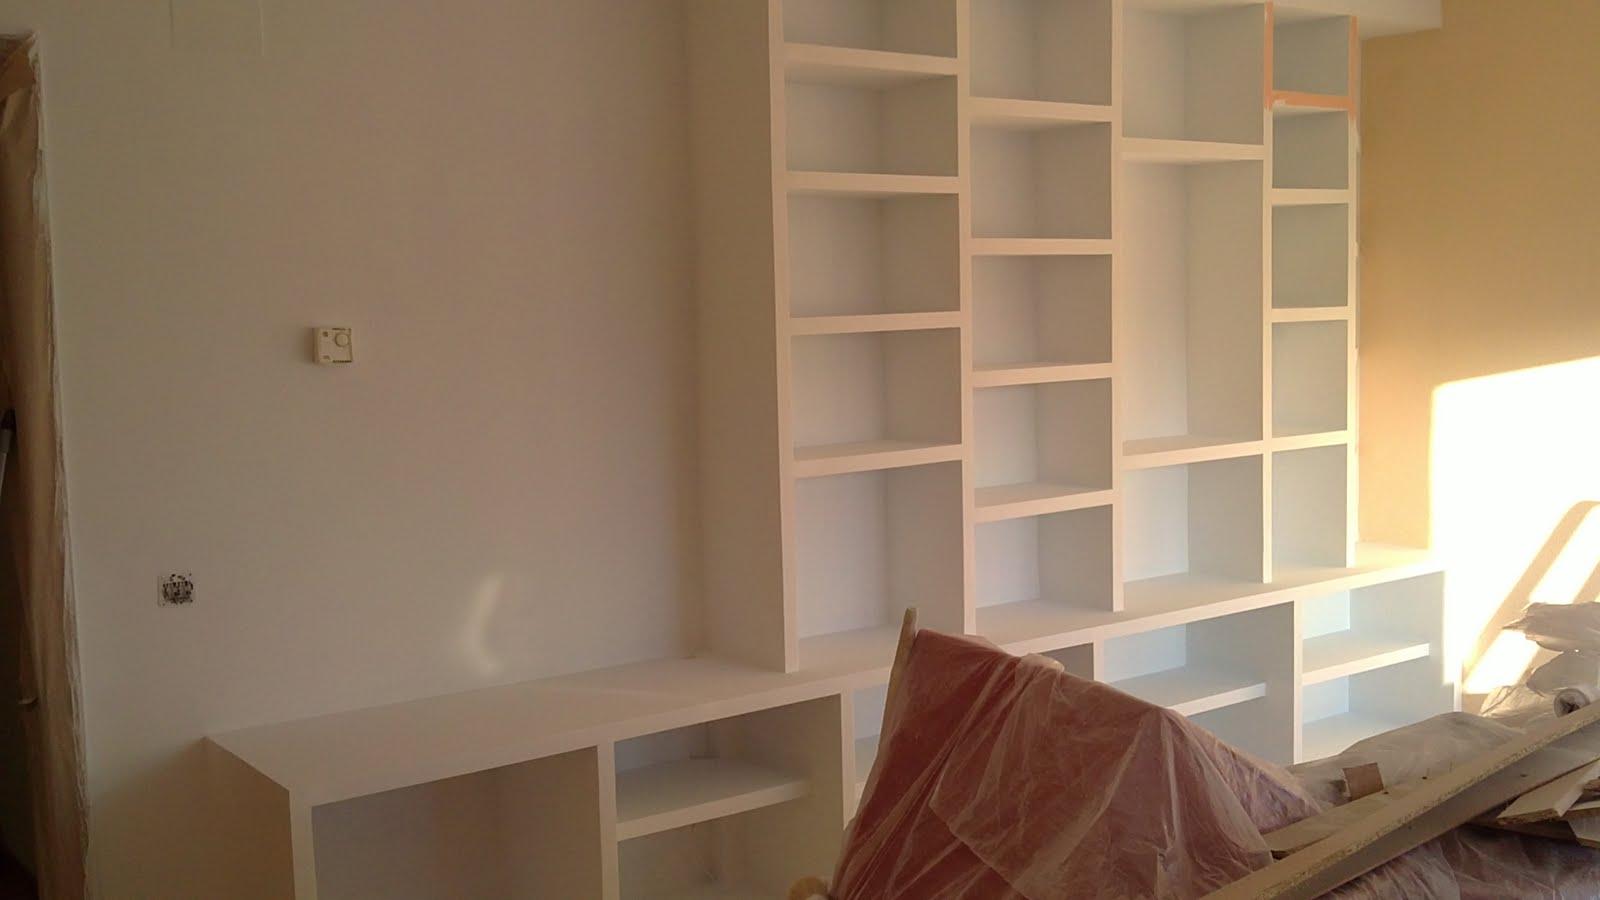 Muebles De Escayola Para El Salon Great Muebles Escayola Para El  # Muebles Murales